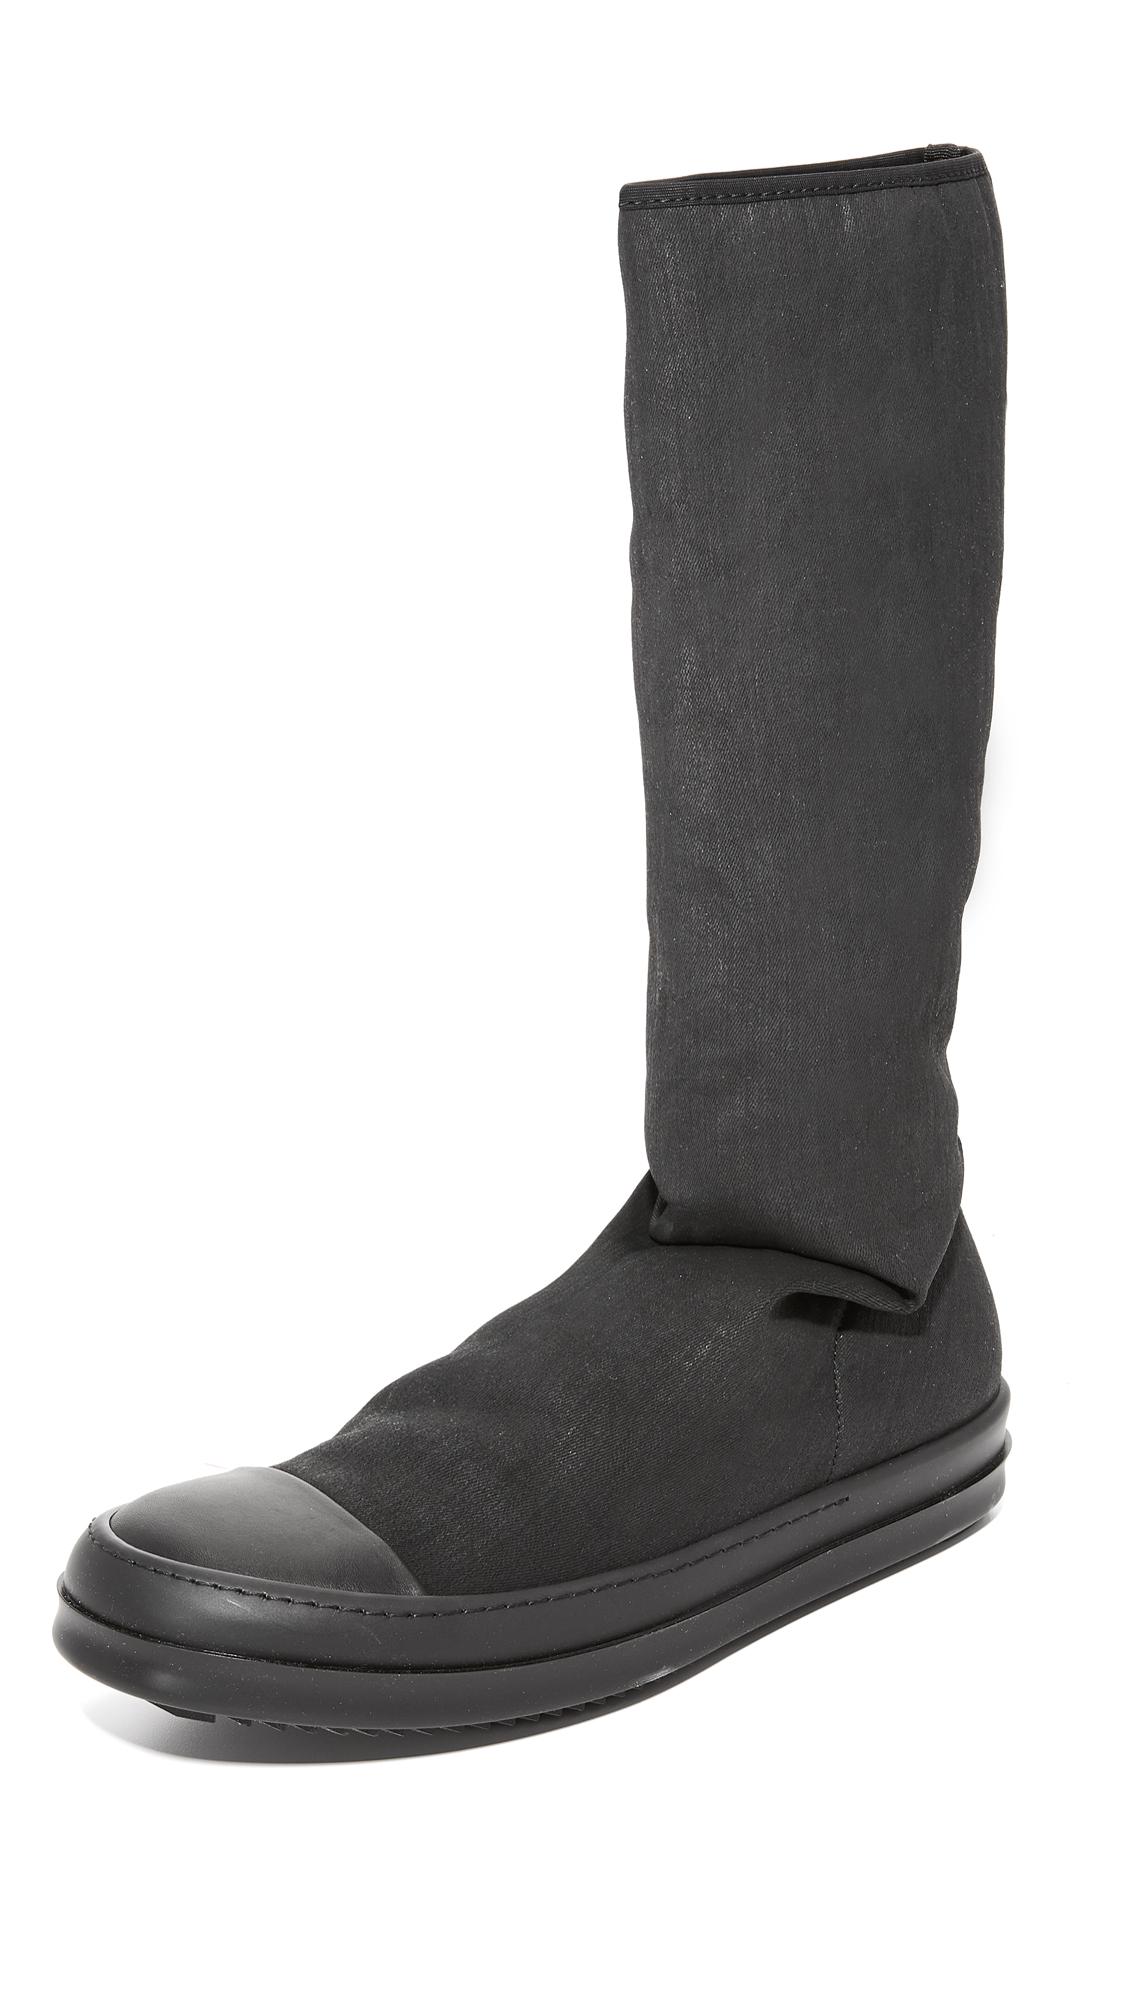 RICK OWENS DRKSHDW Sock Sneakers in Black